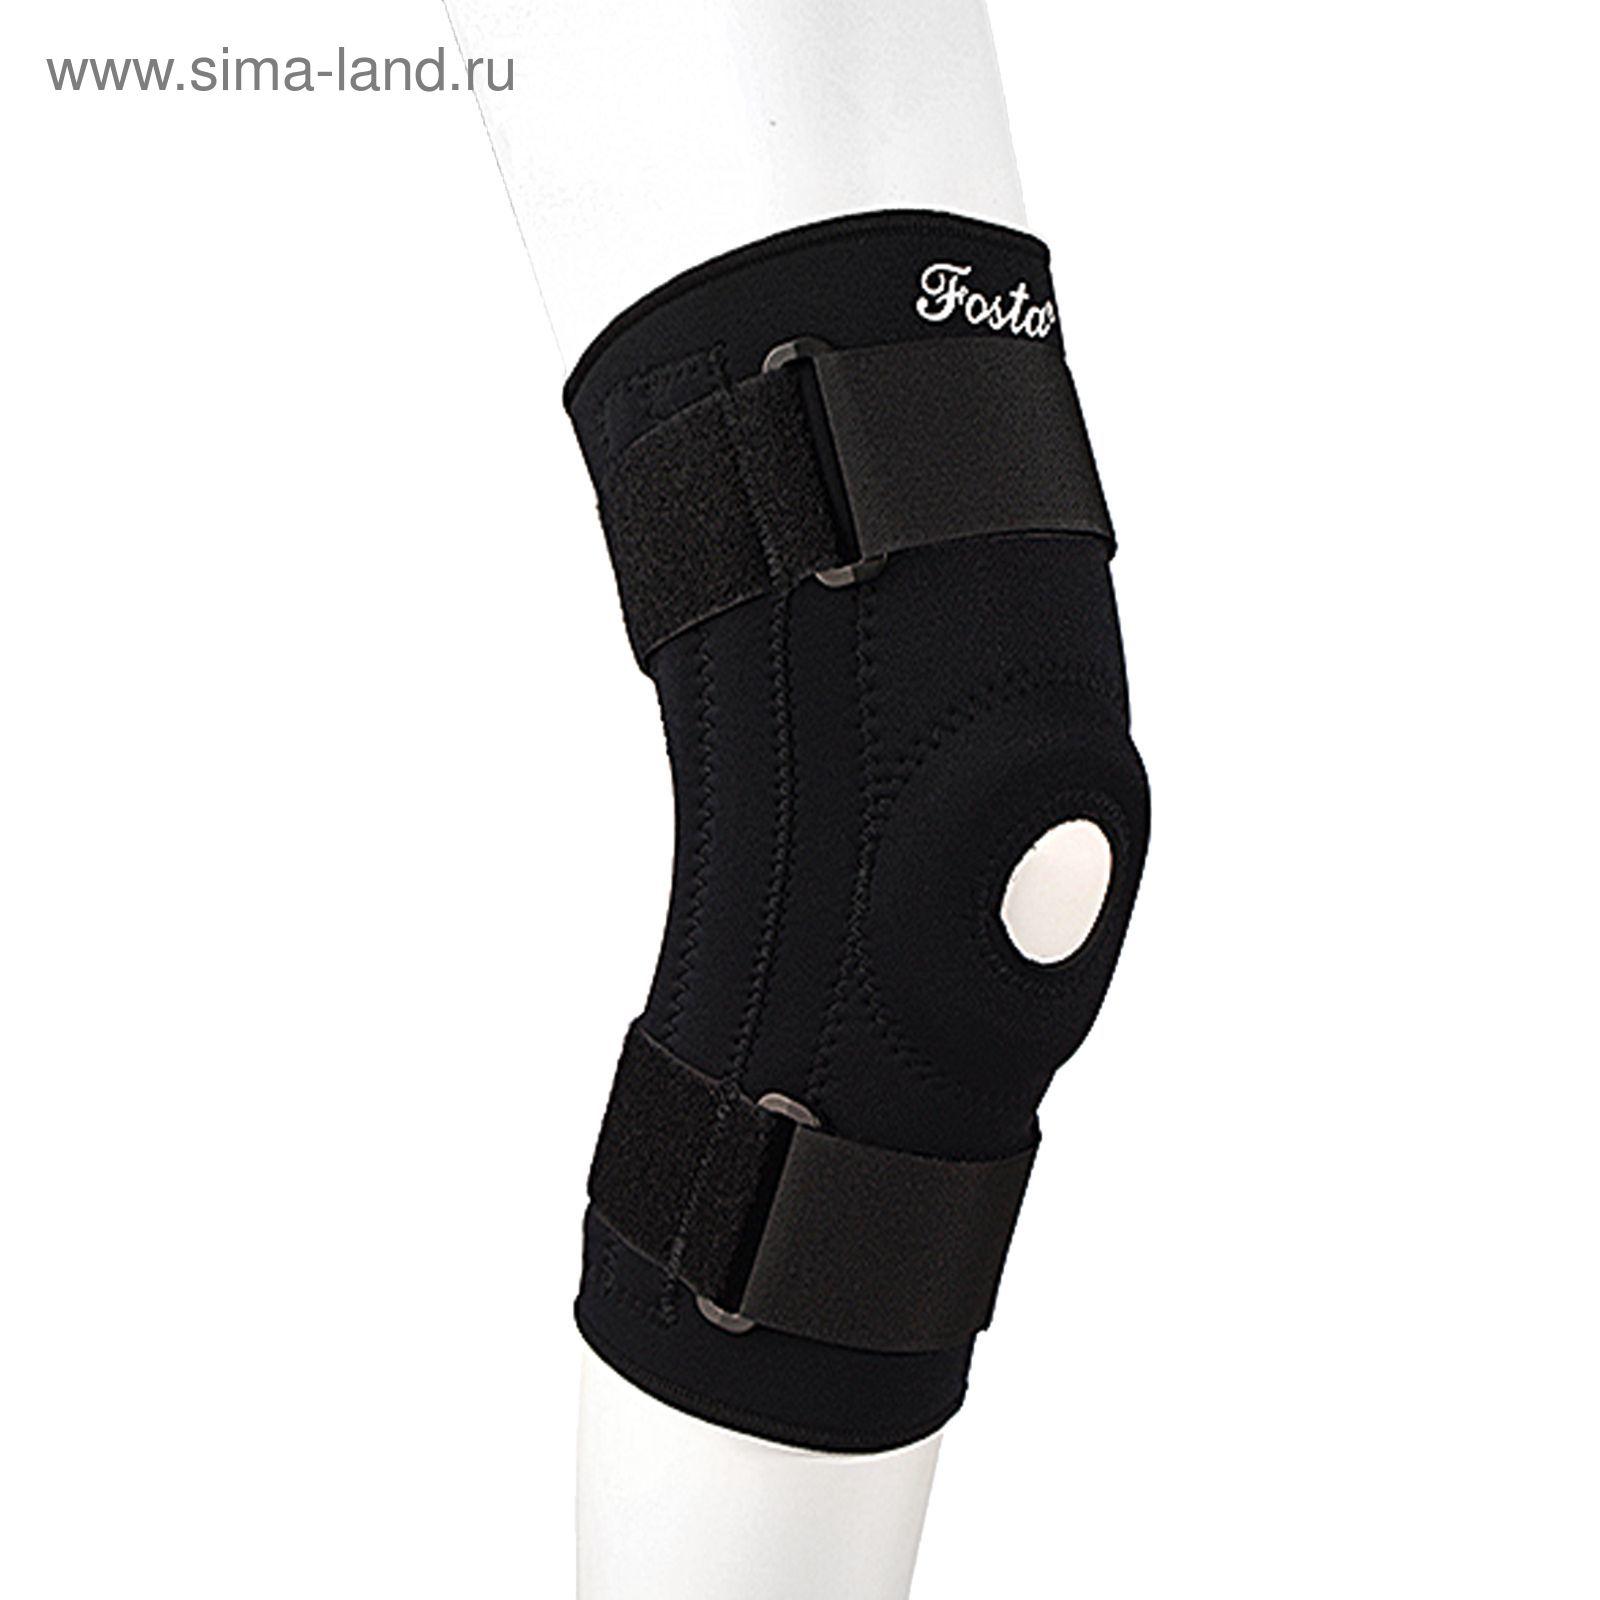 Горшок и коленные суставы средства при болях в суставах, артритах кремы, гели, мази